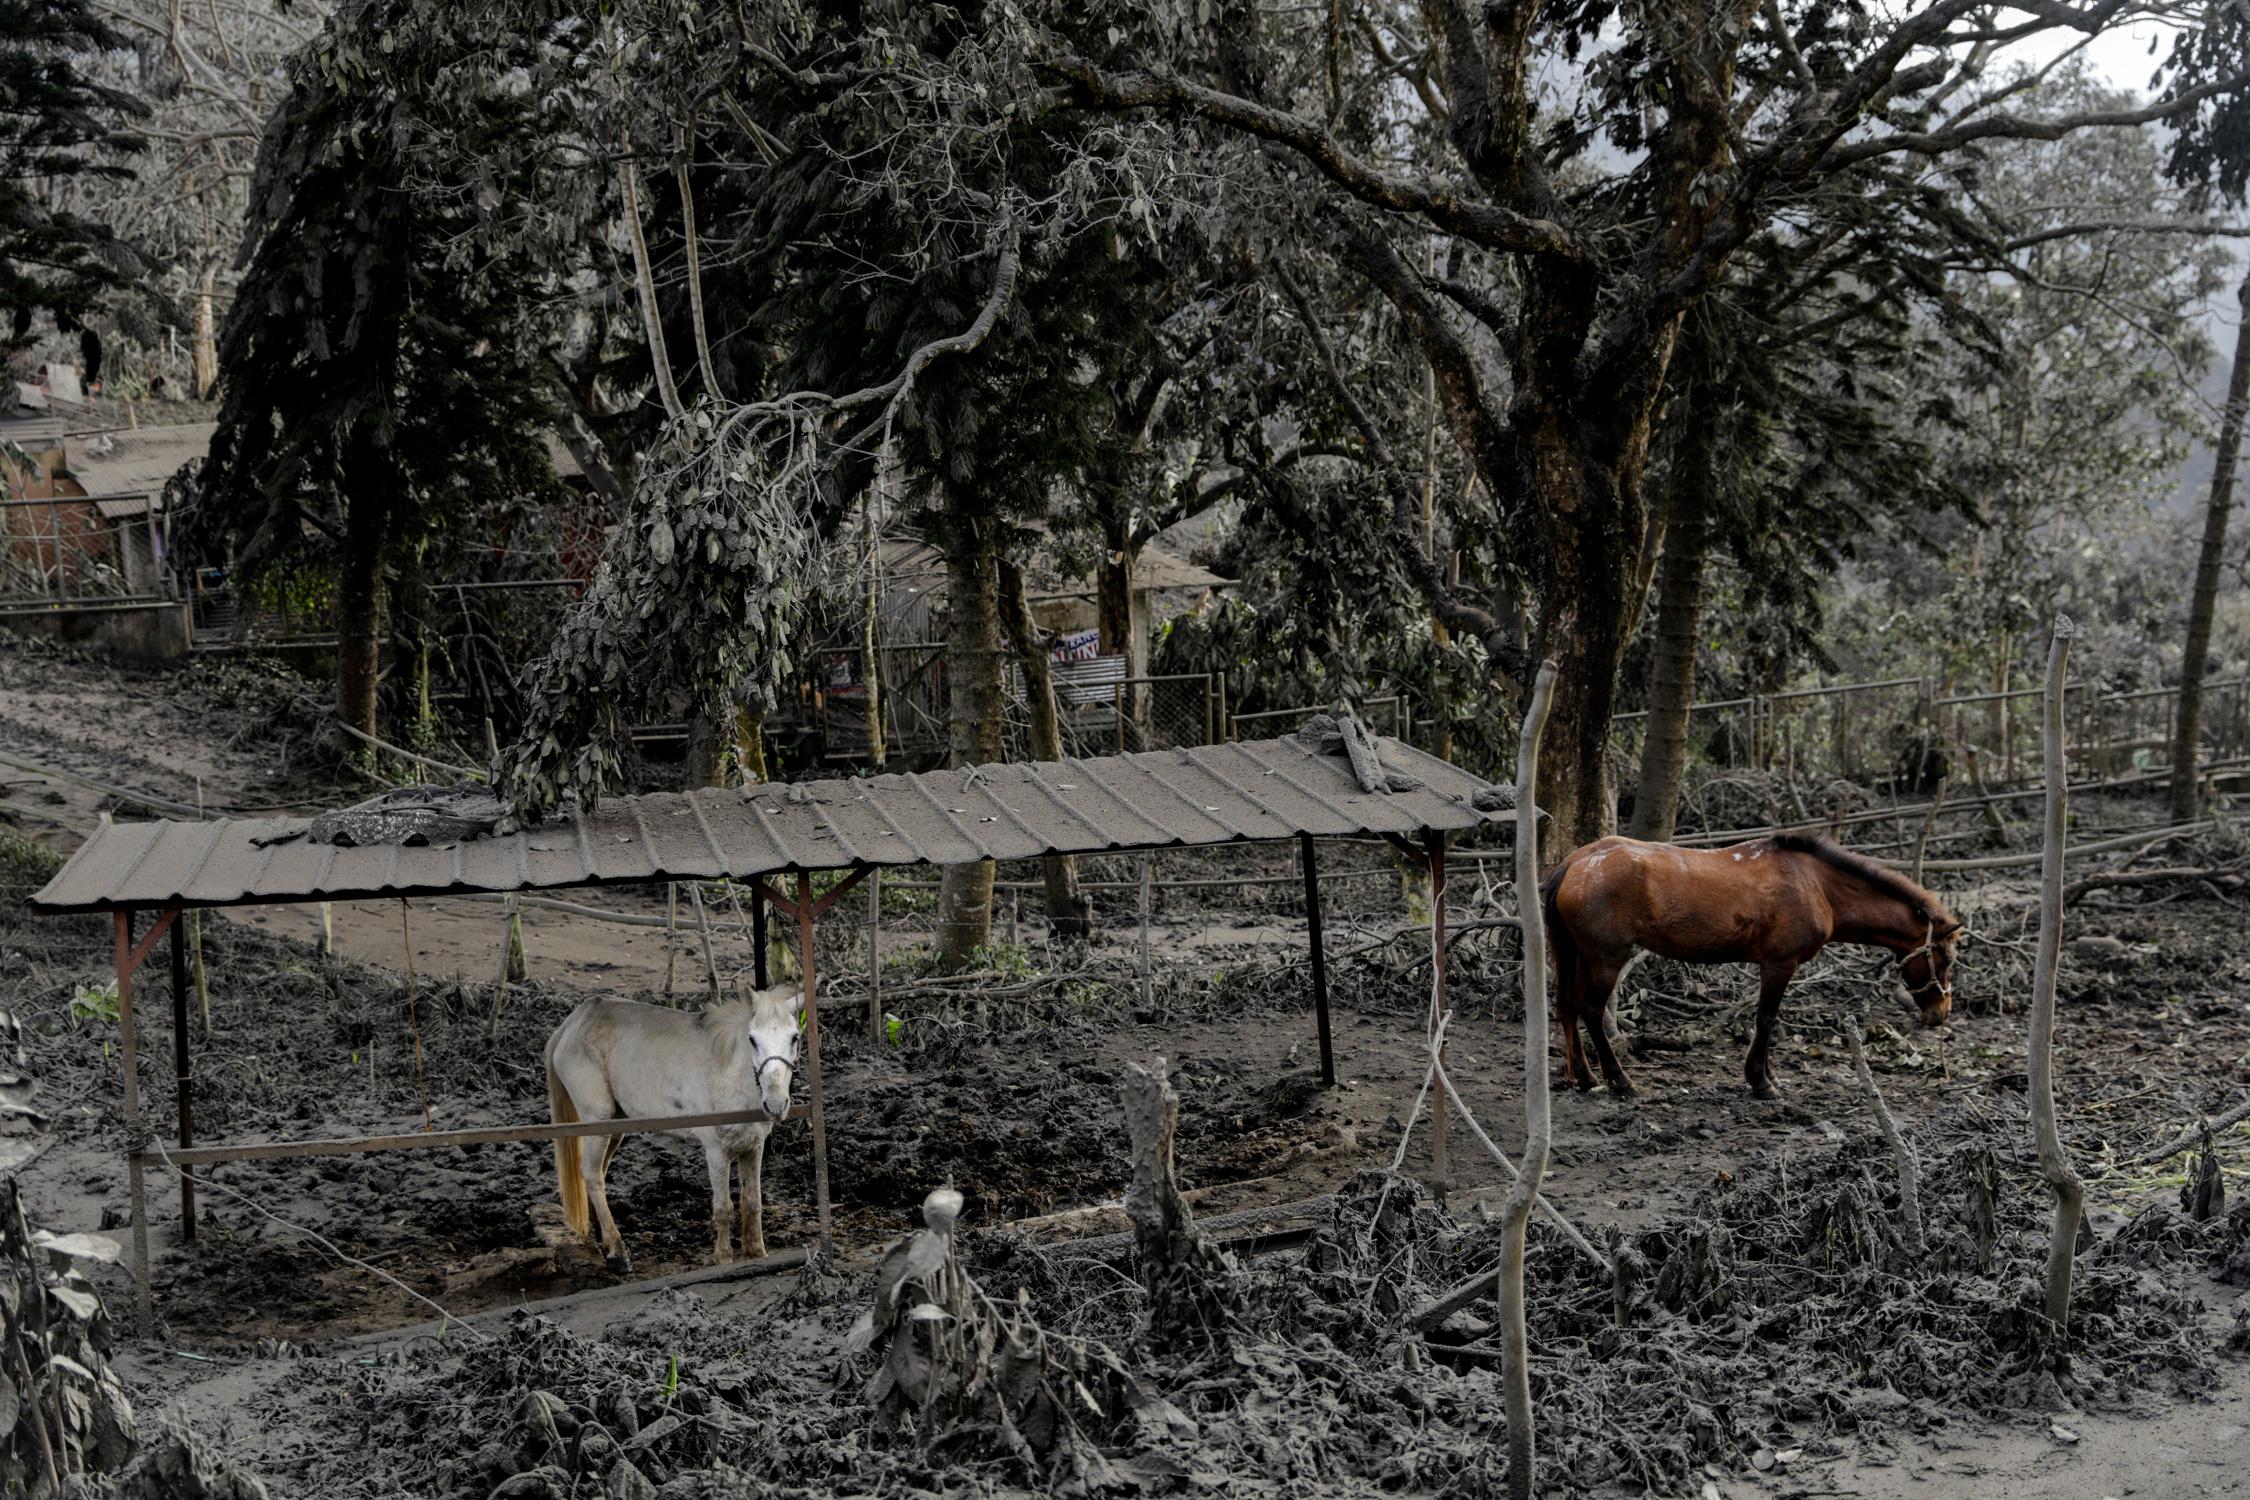 Los caballos alquilados para los turistas se quedan en un parque lleno de cenizas volcánicas y ramas caídas en la ciudad de Tagaytay, Filipinas, 14 de enero de 2020. REUTERS / Eloisa Lopez